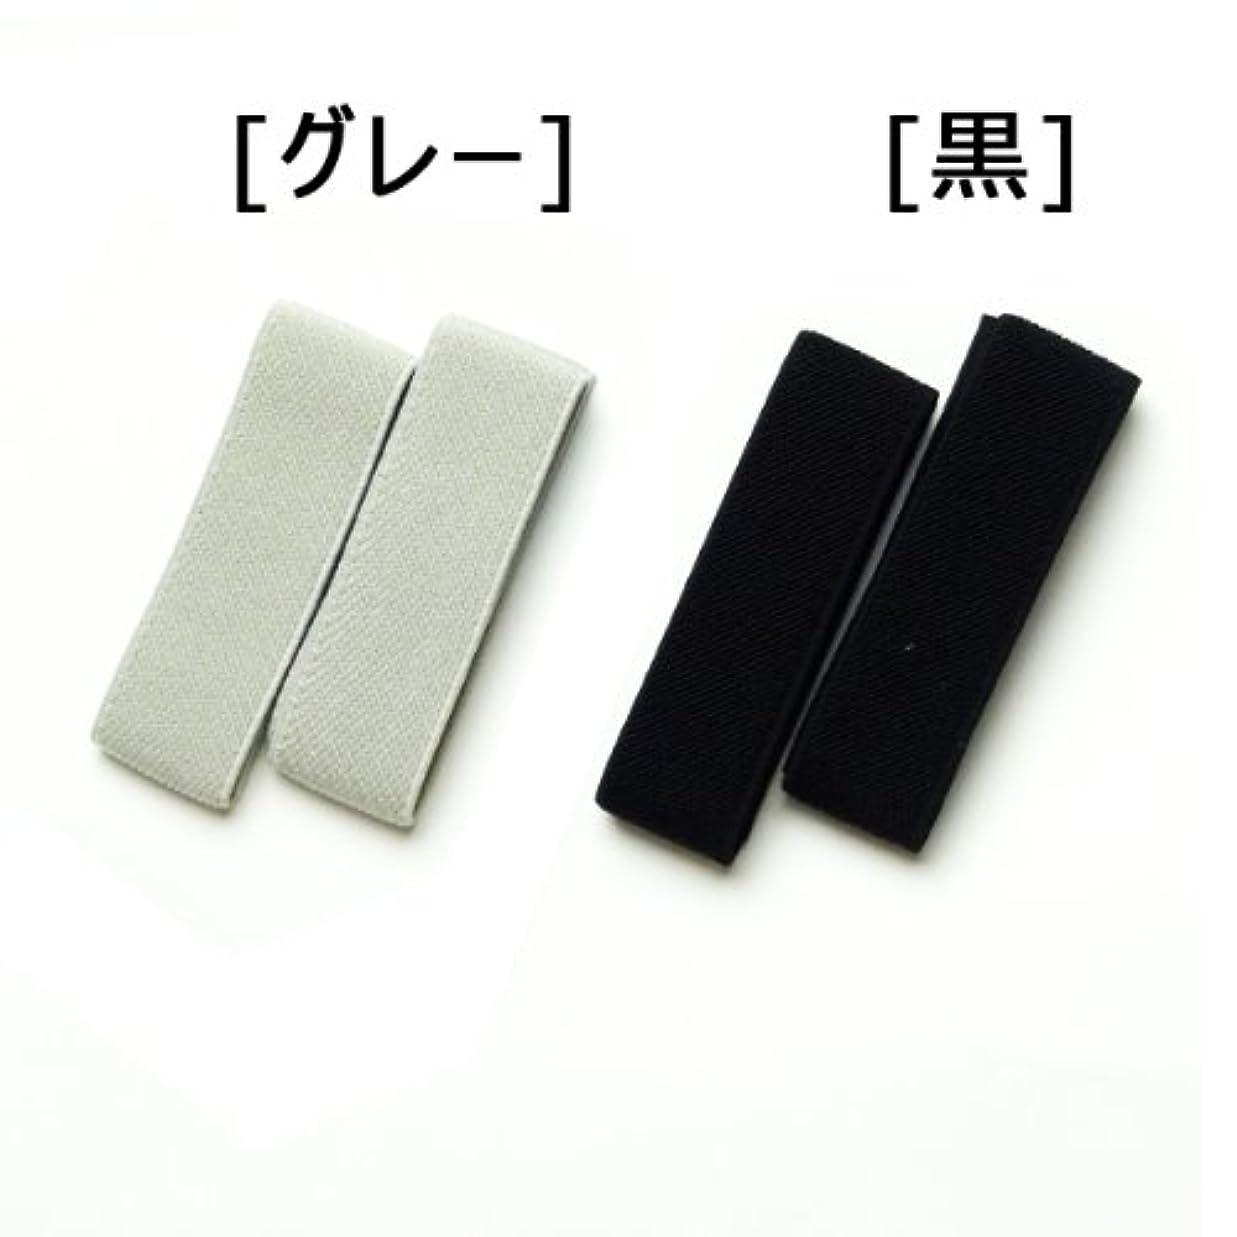 鉄道駐地歯科医弓具 弓付属品 マジックバンド 山武弓具店 【F-244】